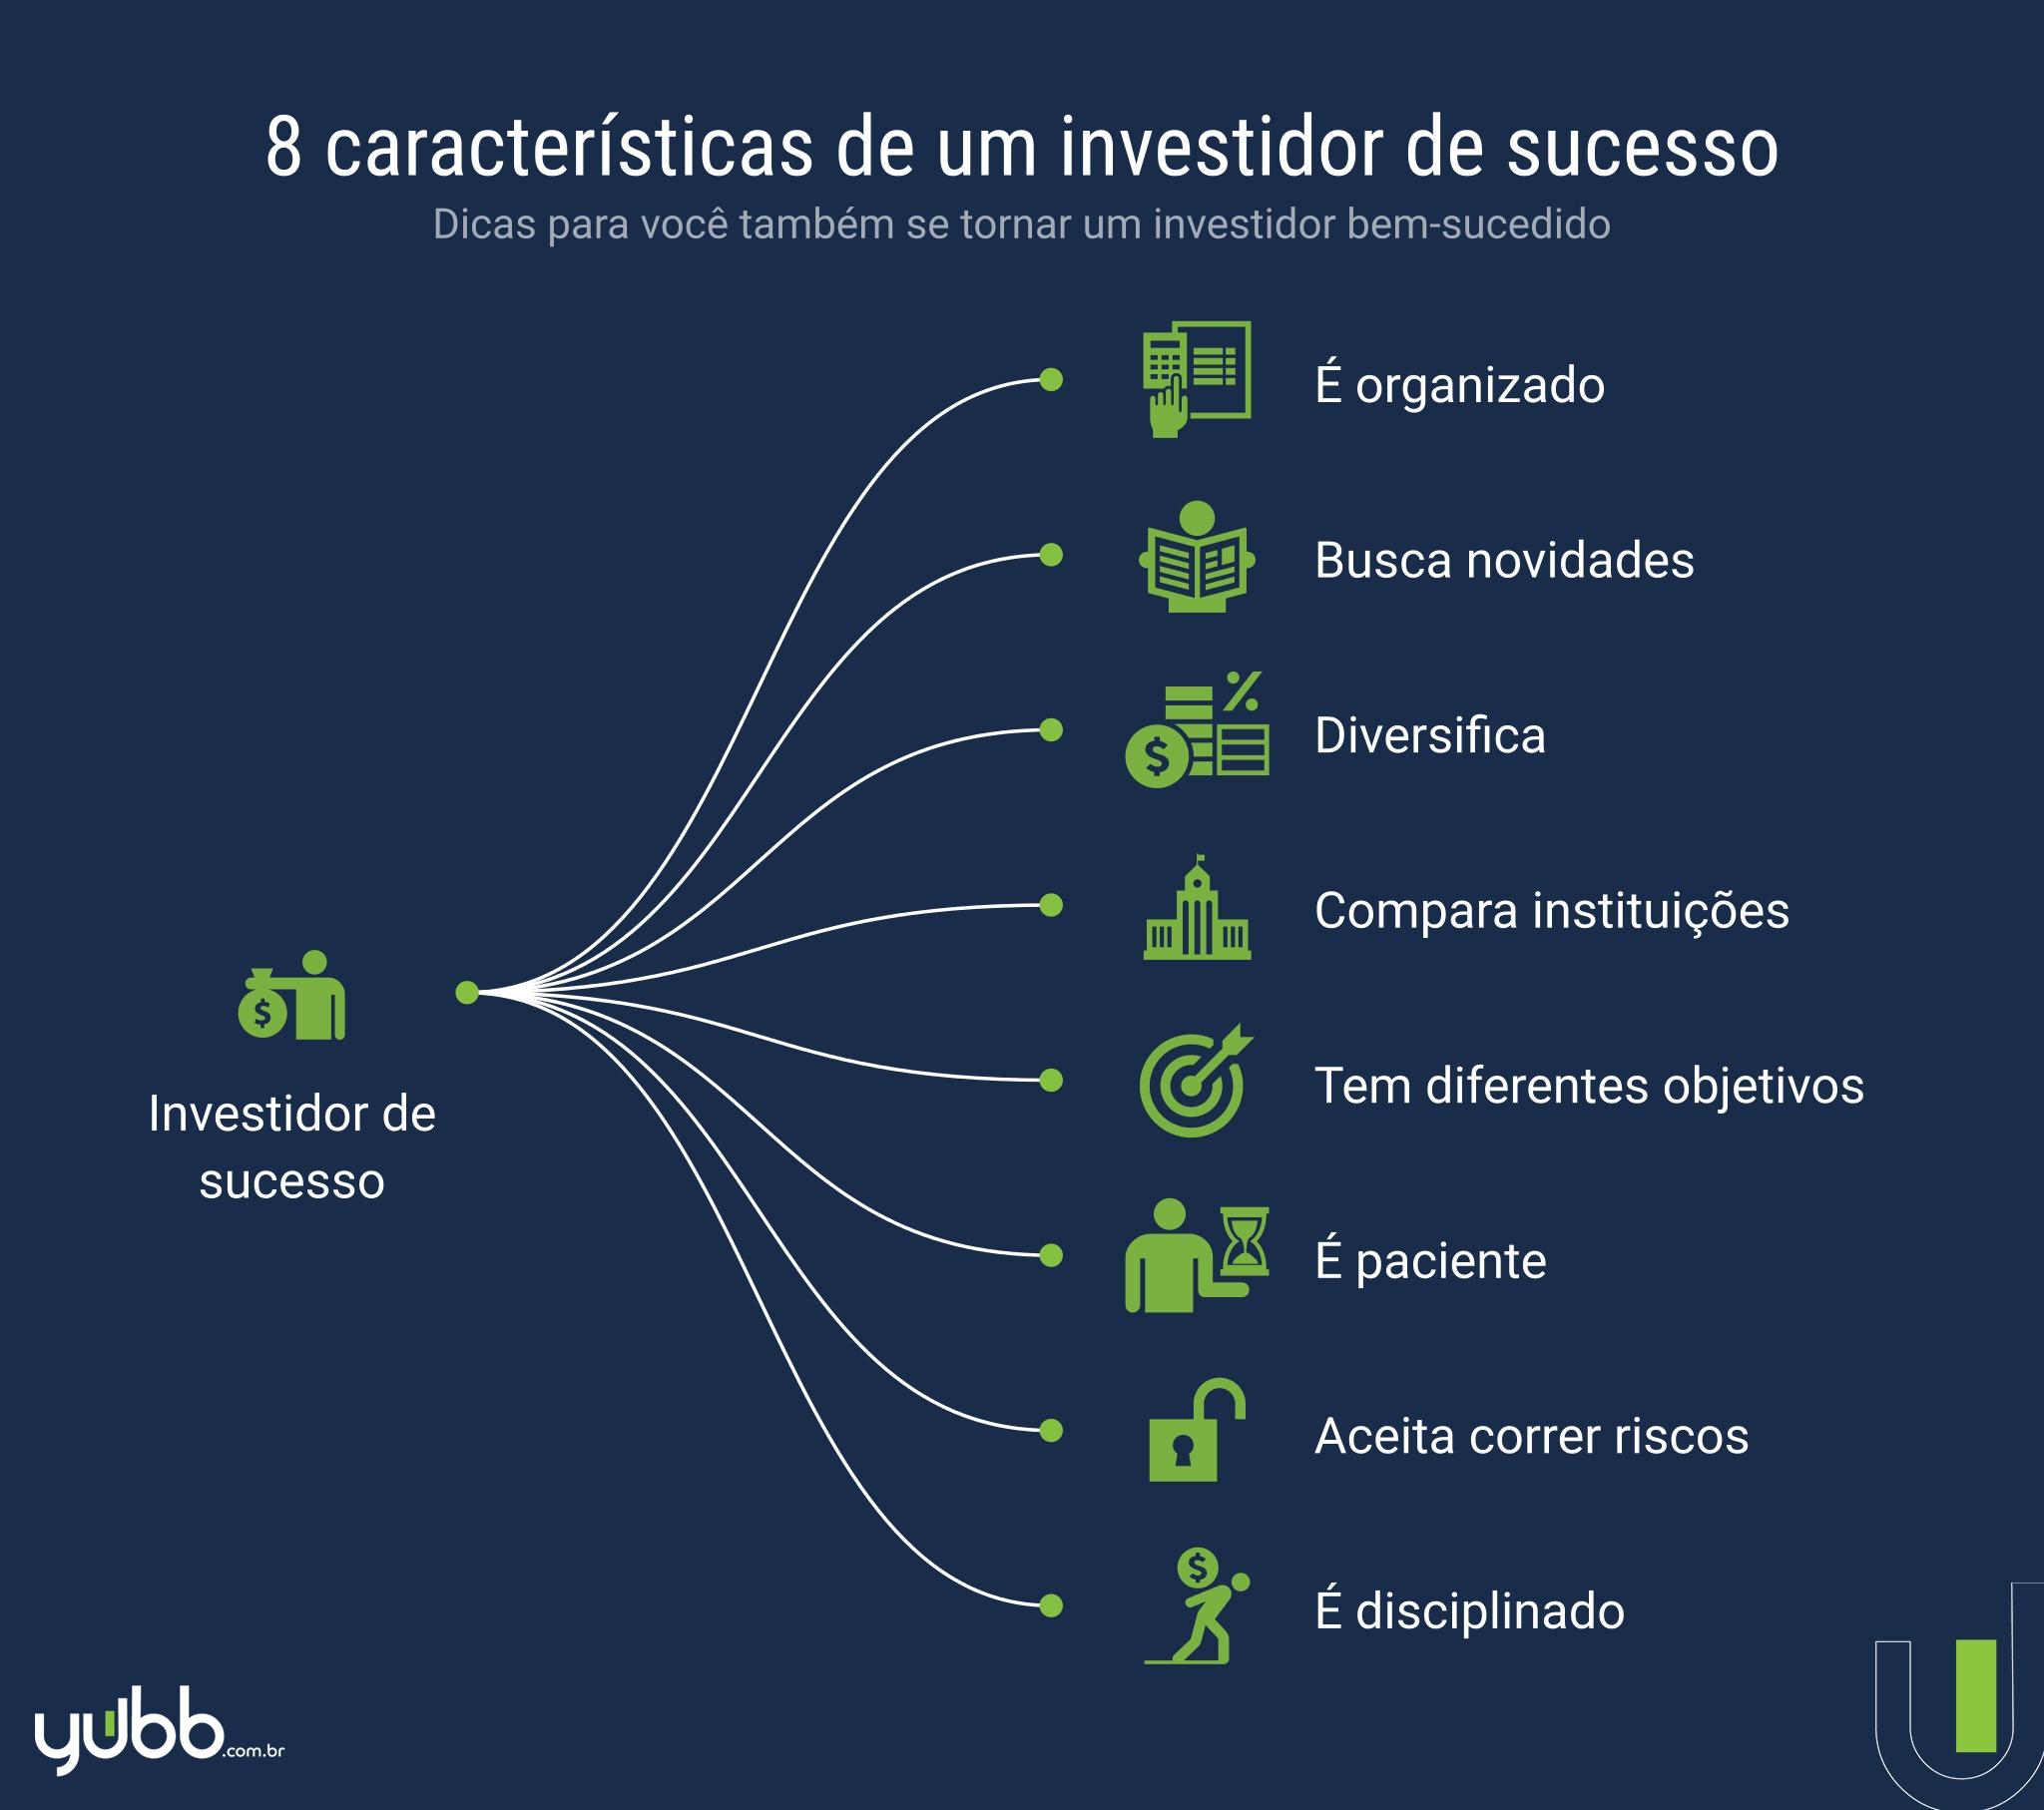 características de um investidor de sucesso